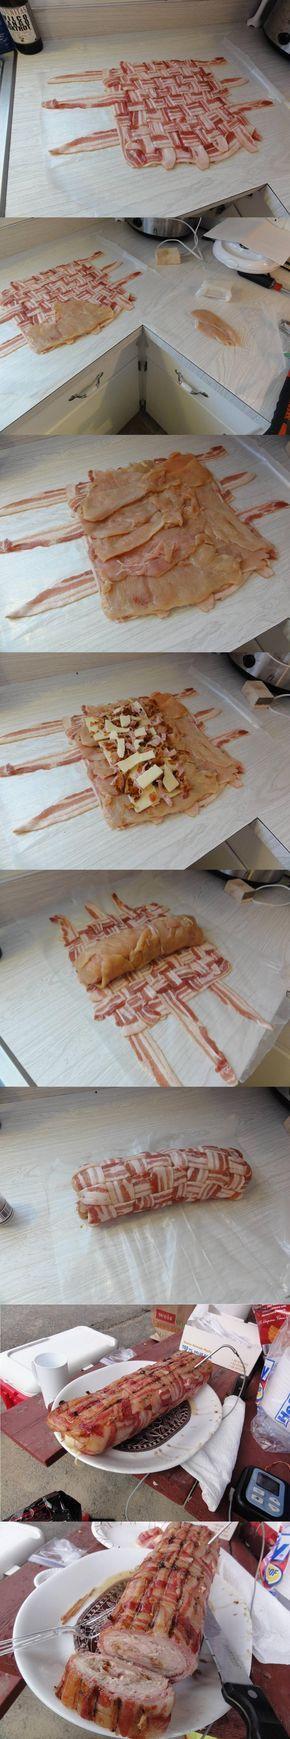 Delicioso tejido de tocino con pollo